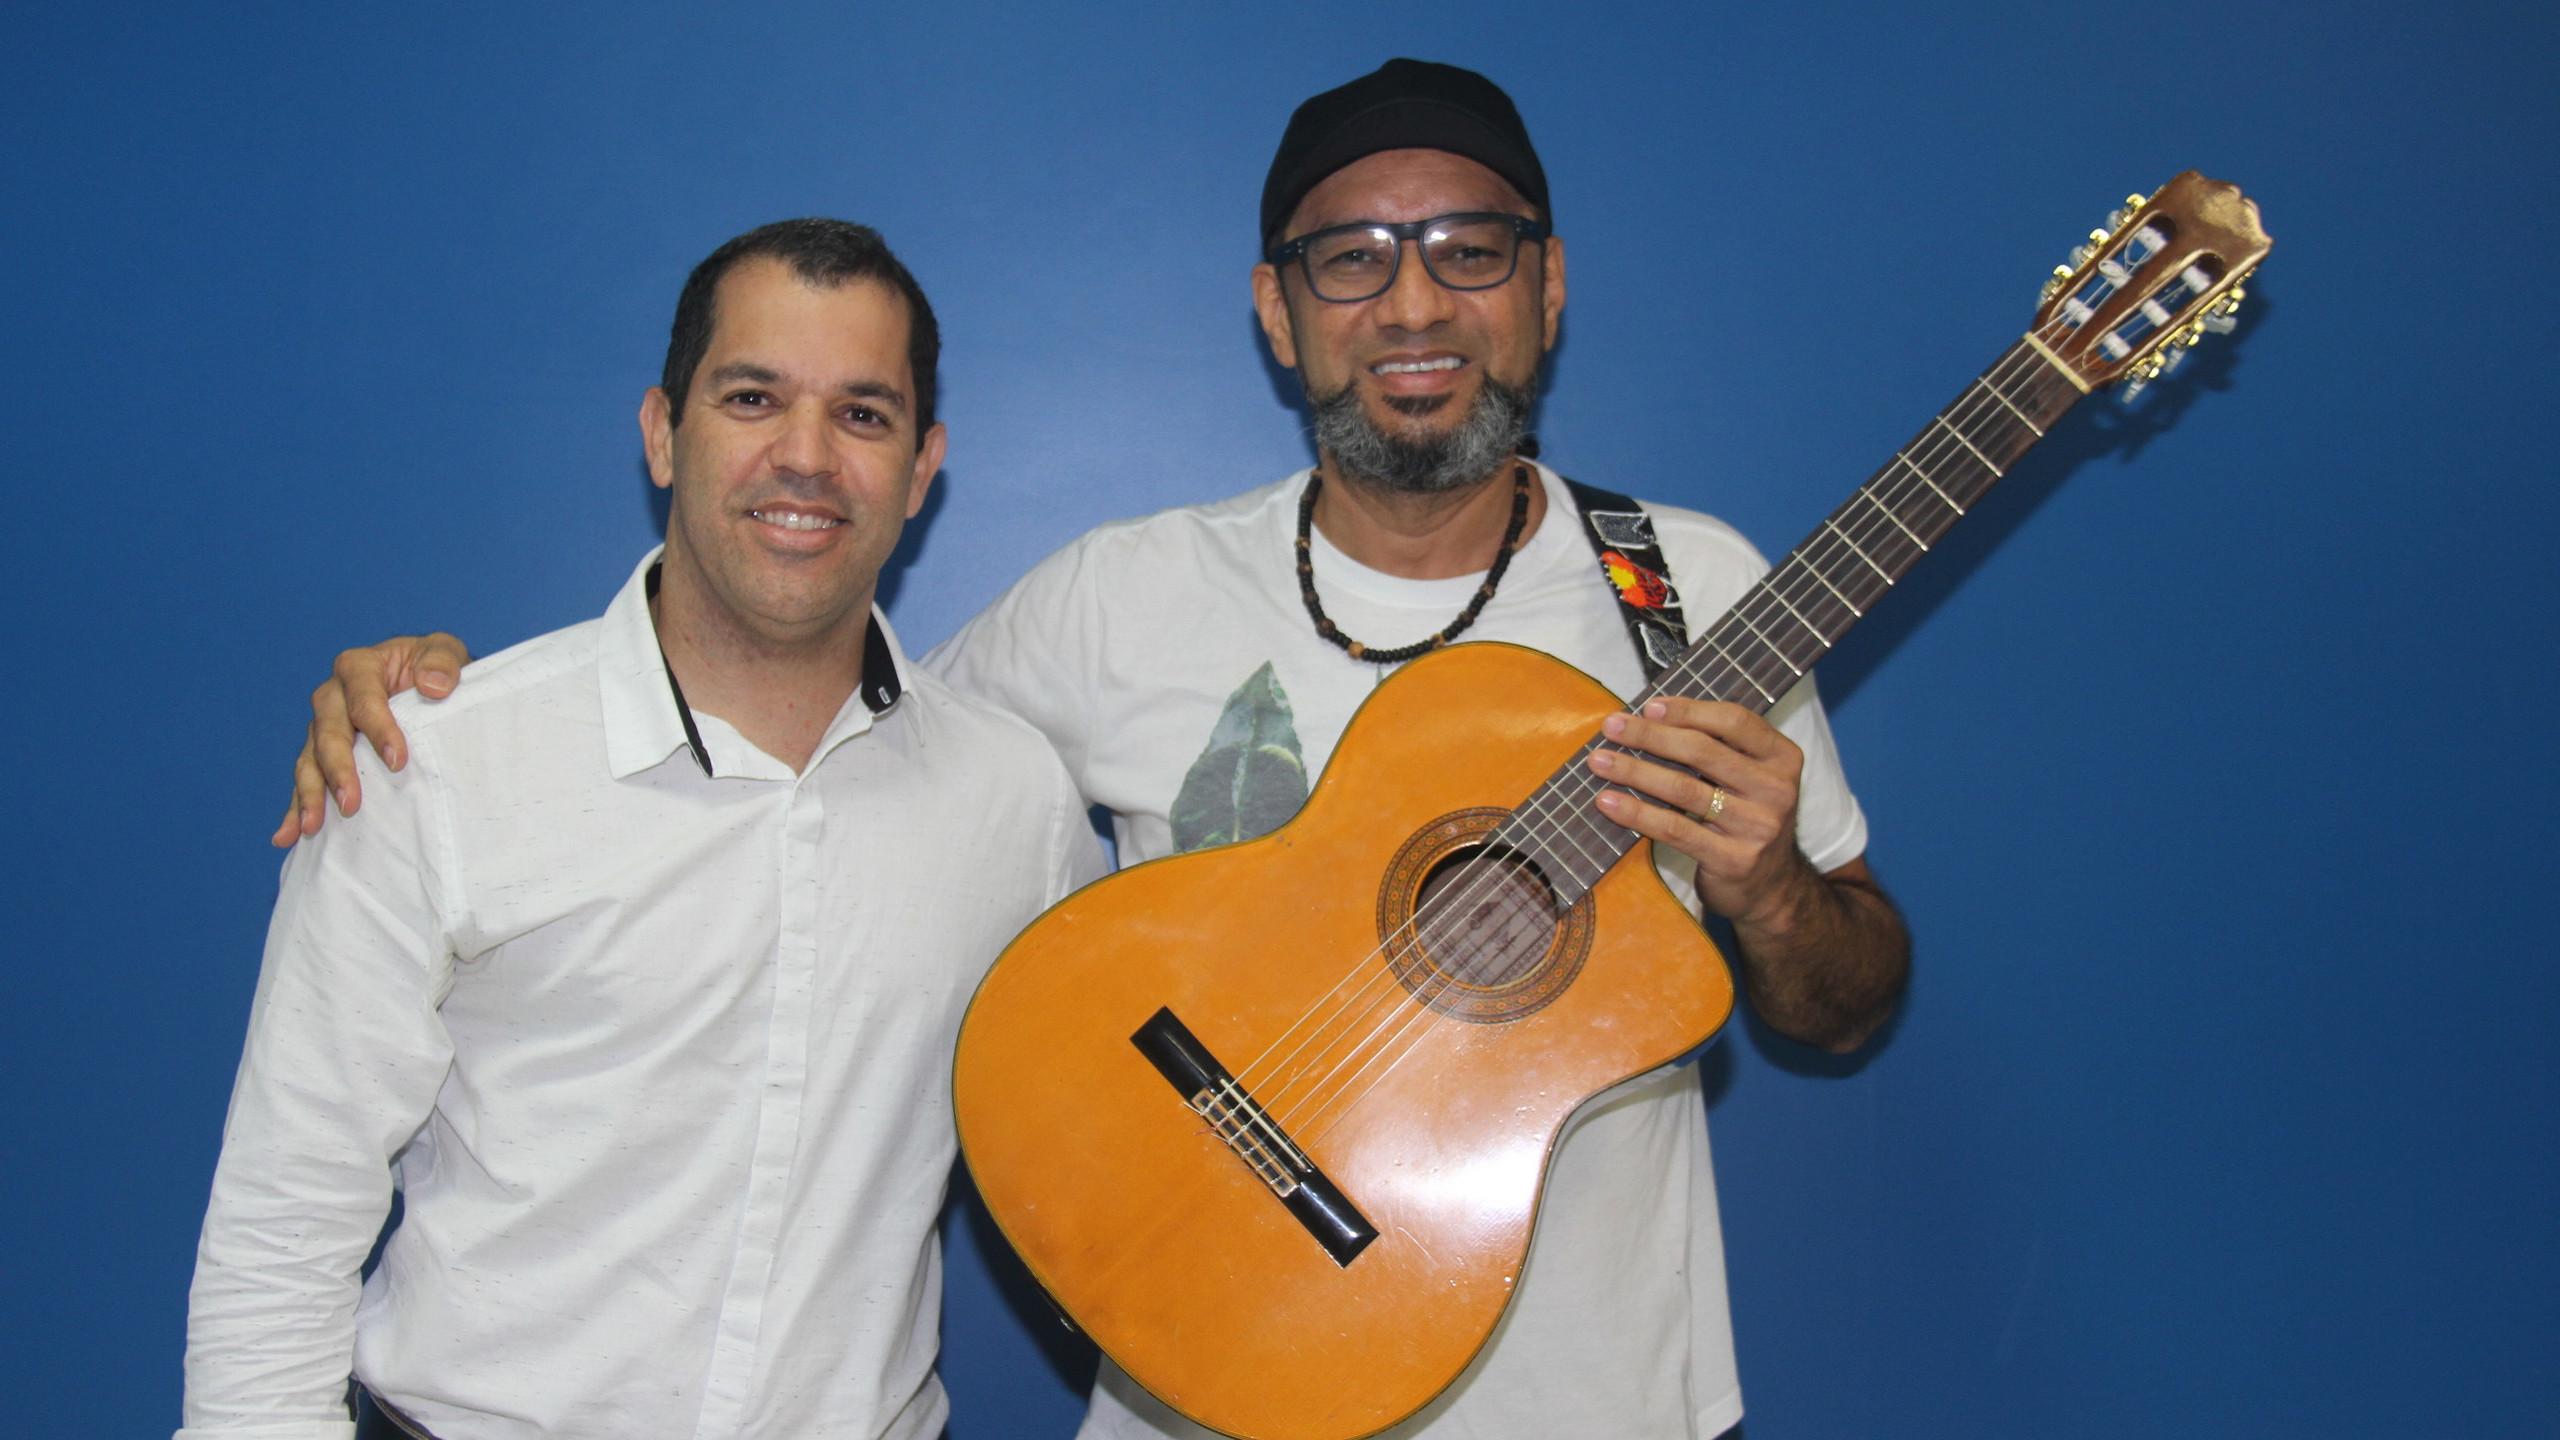 Com Carlos Hubert Gerente Corporativo de Comunicação e Marketing do Grupo Equatorial/Cemar.